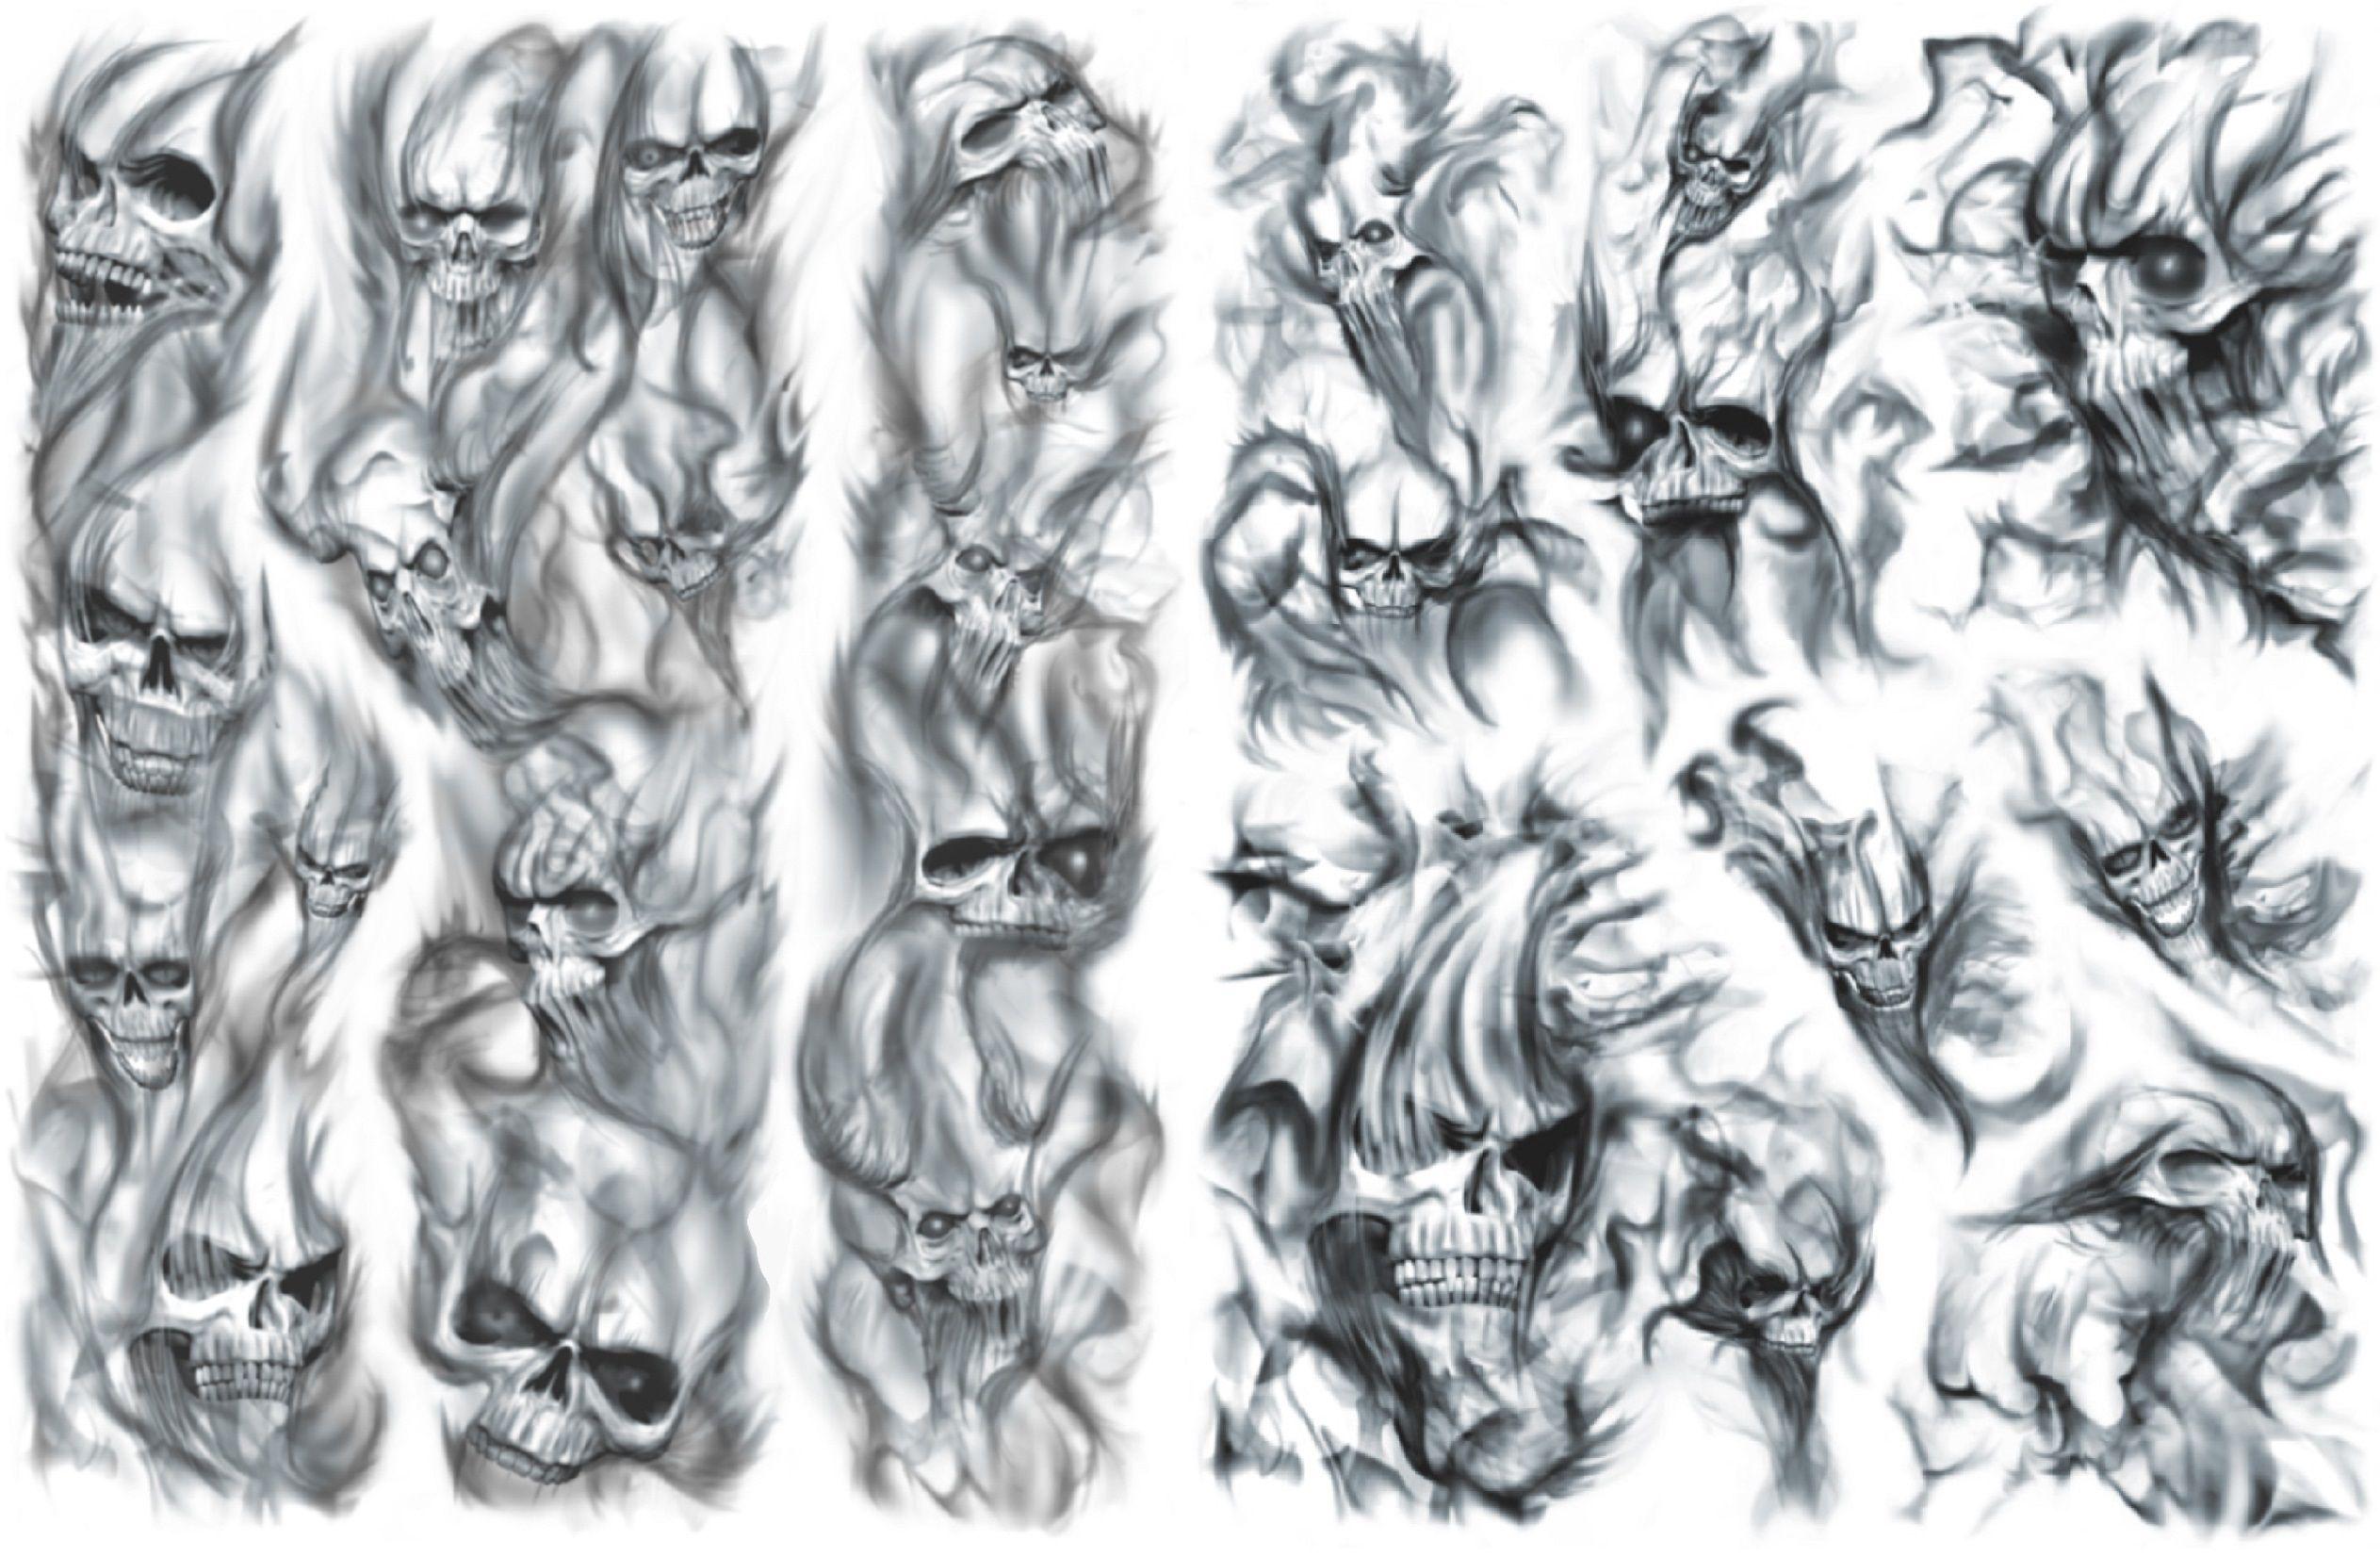 Skulls In Smoke Filler Tattoo Skull Sleeve Tattoos Tattoo Sleeve Filler Tattoo Filler